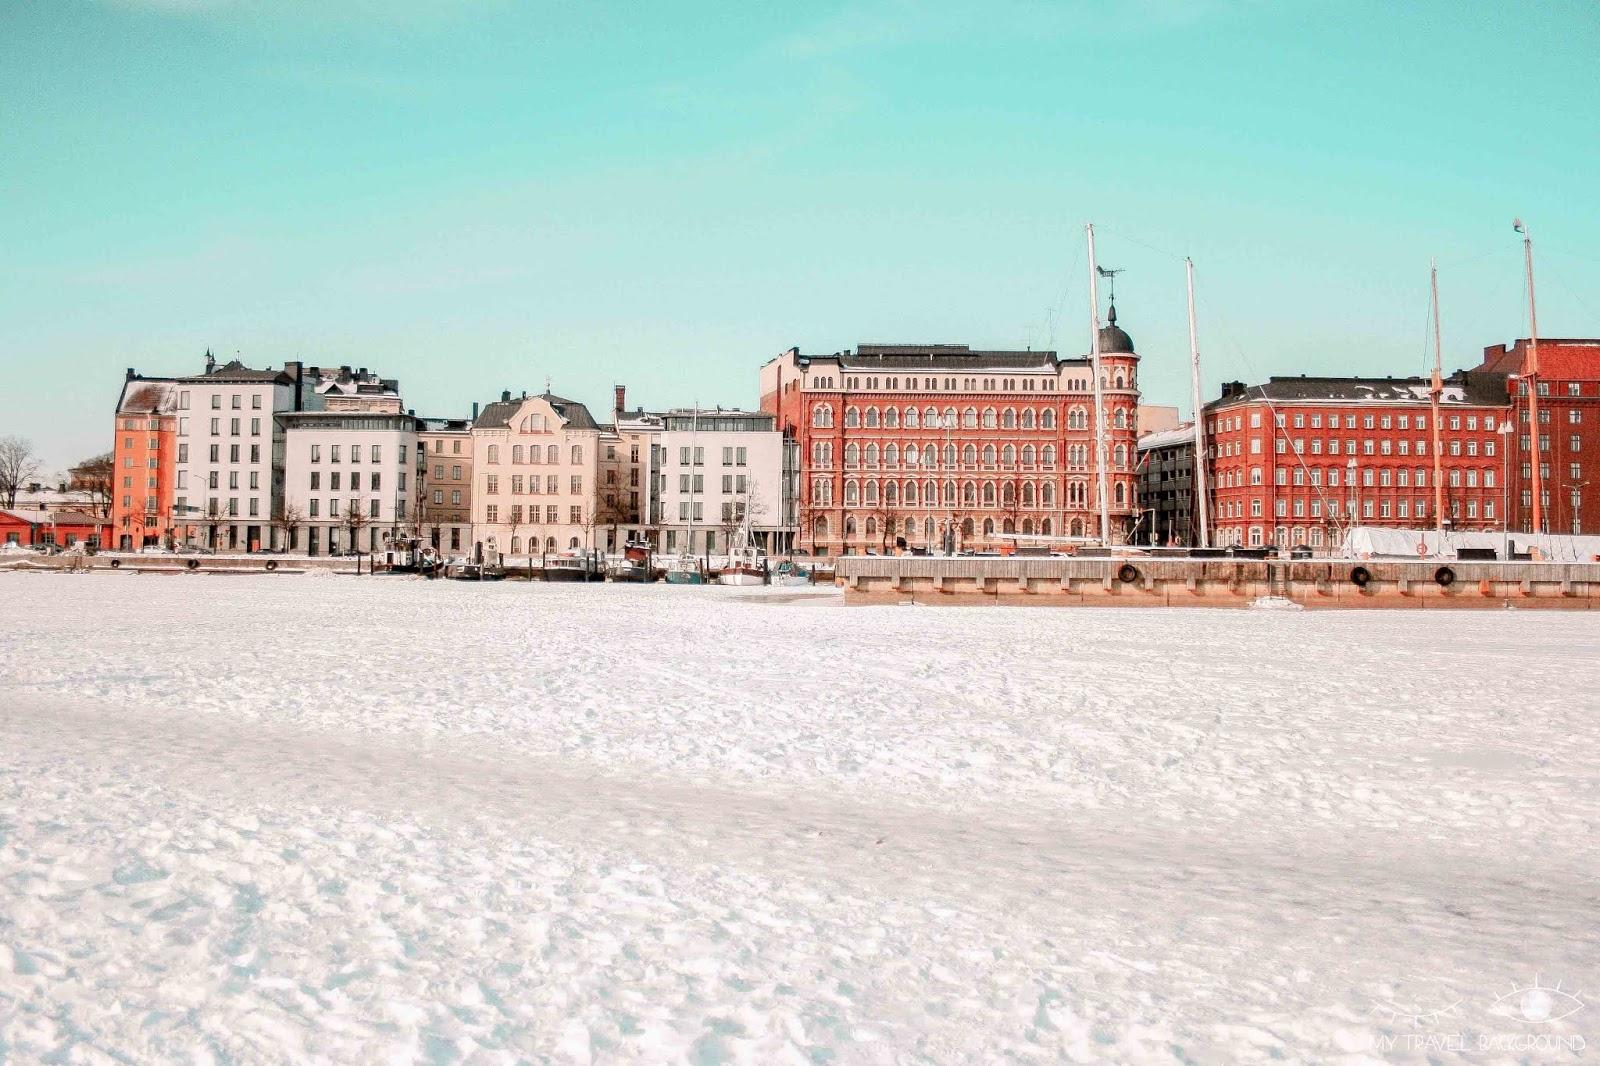 My Travel Background : 2 jours pour découvrir Helsinki, la capitale de la Finlande - Marche sur la mer Baltique, port gelé